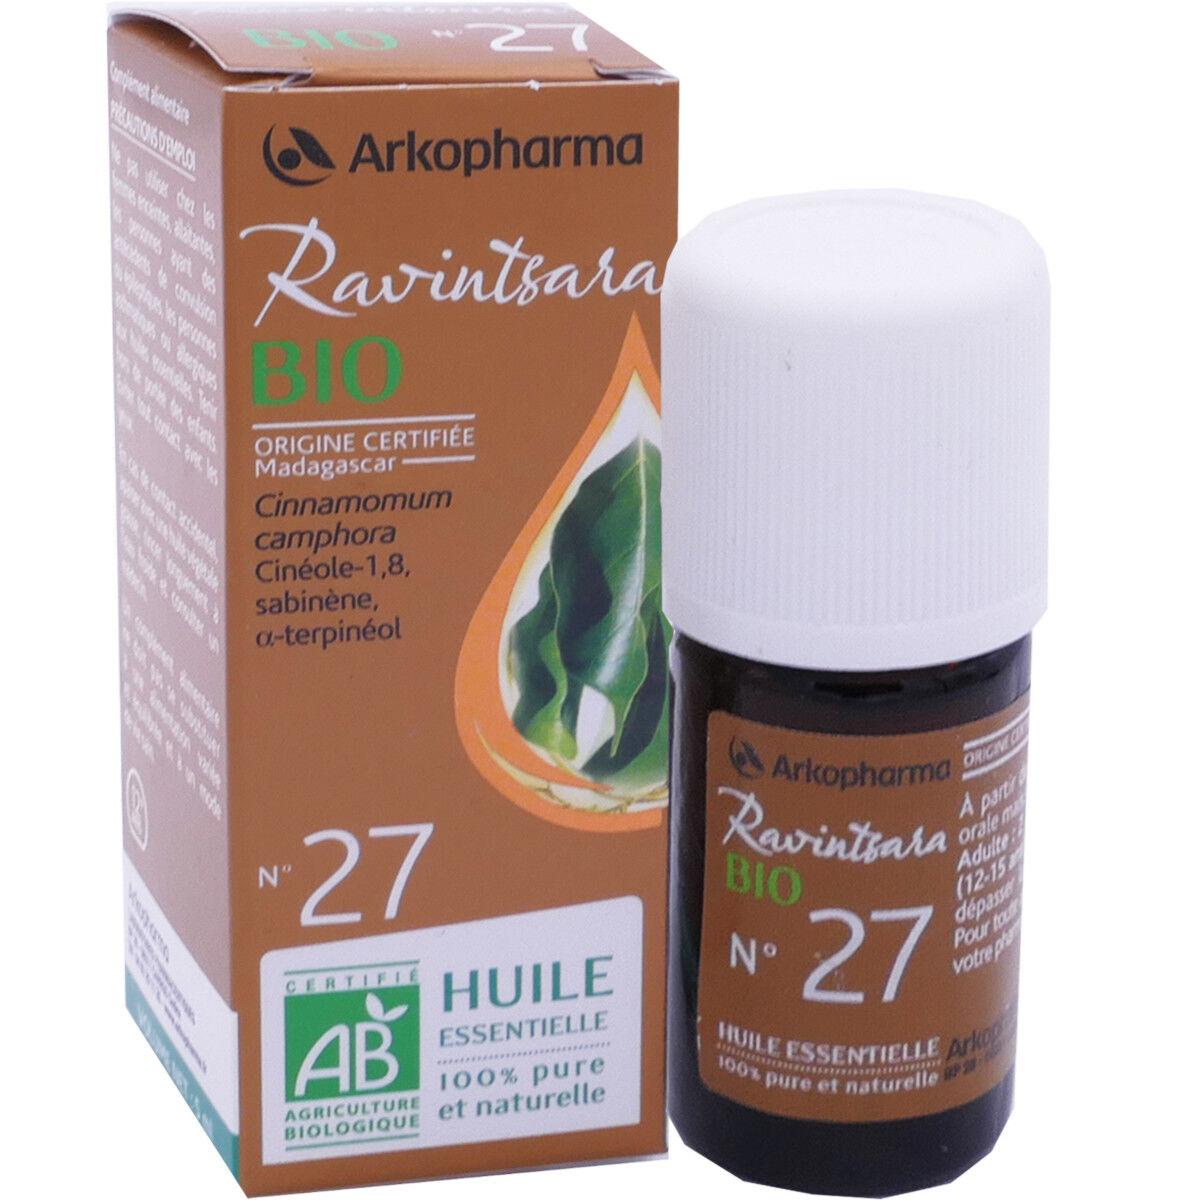 Arkopharma huile essentielle ravintsara bio n°27 5 ml